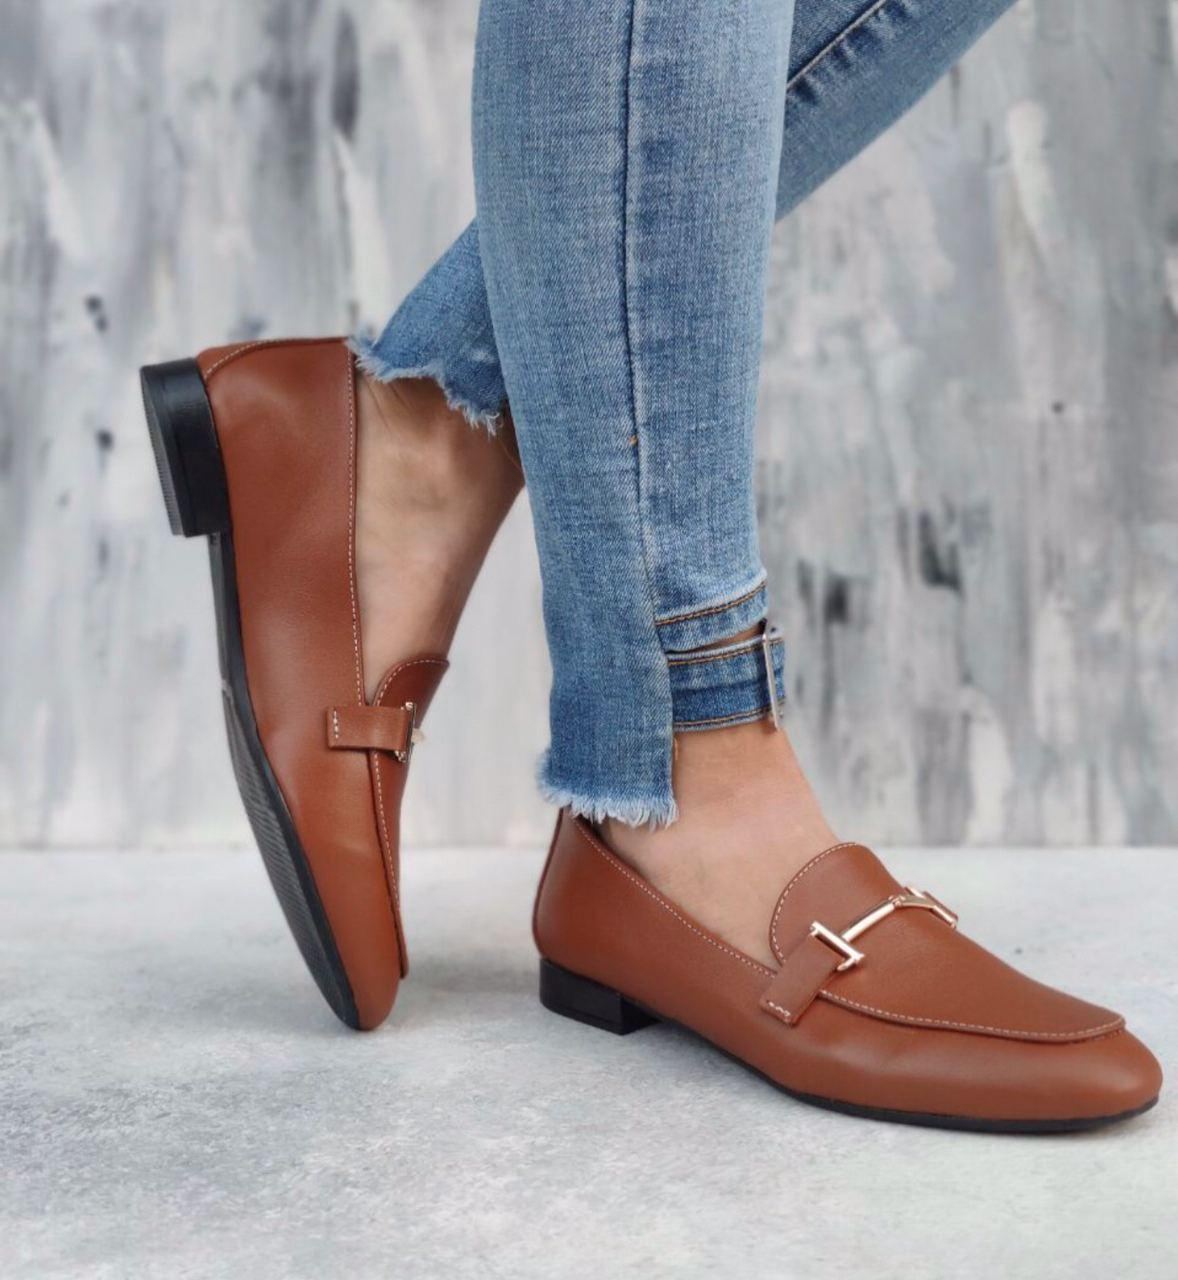 Туфлі лофери жіночі з пряжкою рудого кольору з натуральної Шкіри на низькому каблуці розміри 36-41